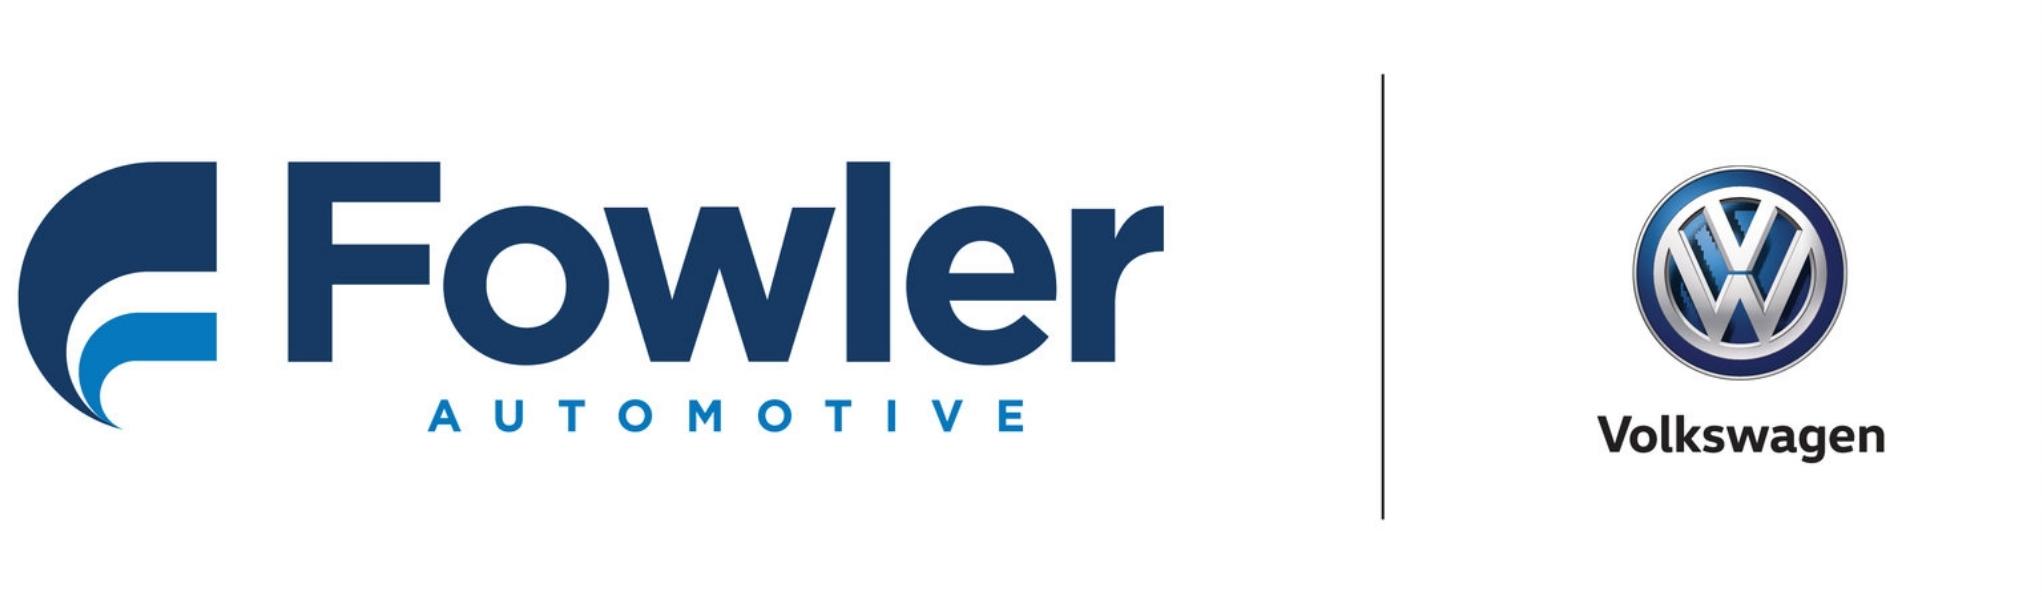 Fowler_Logo_VW.jpg